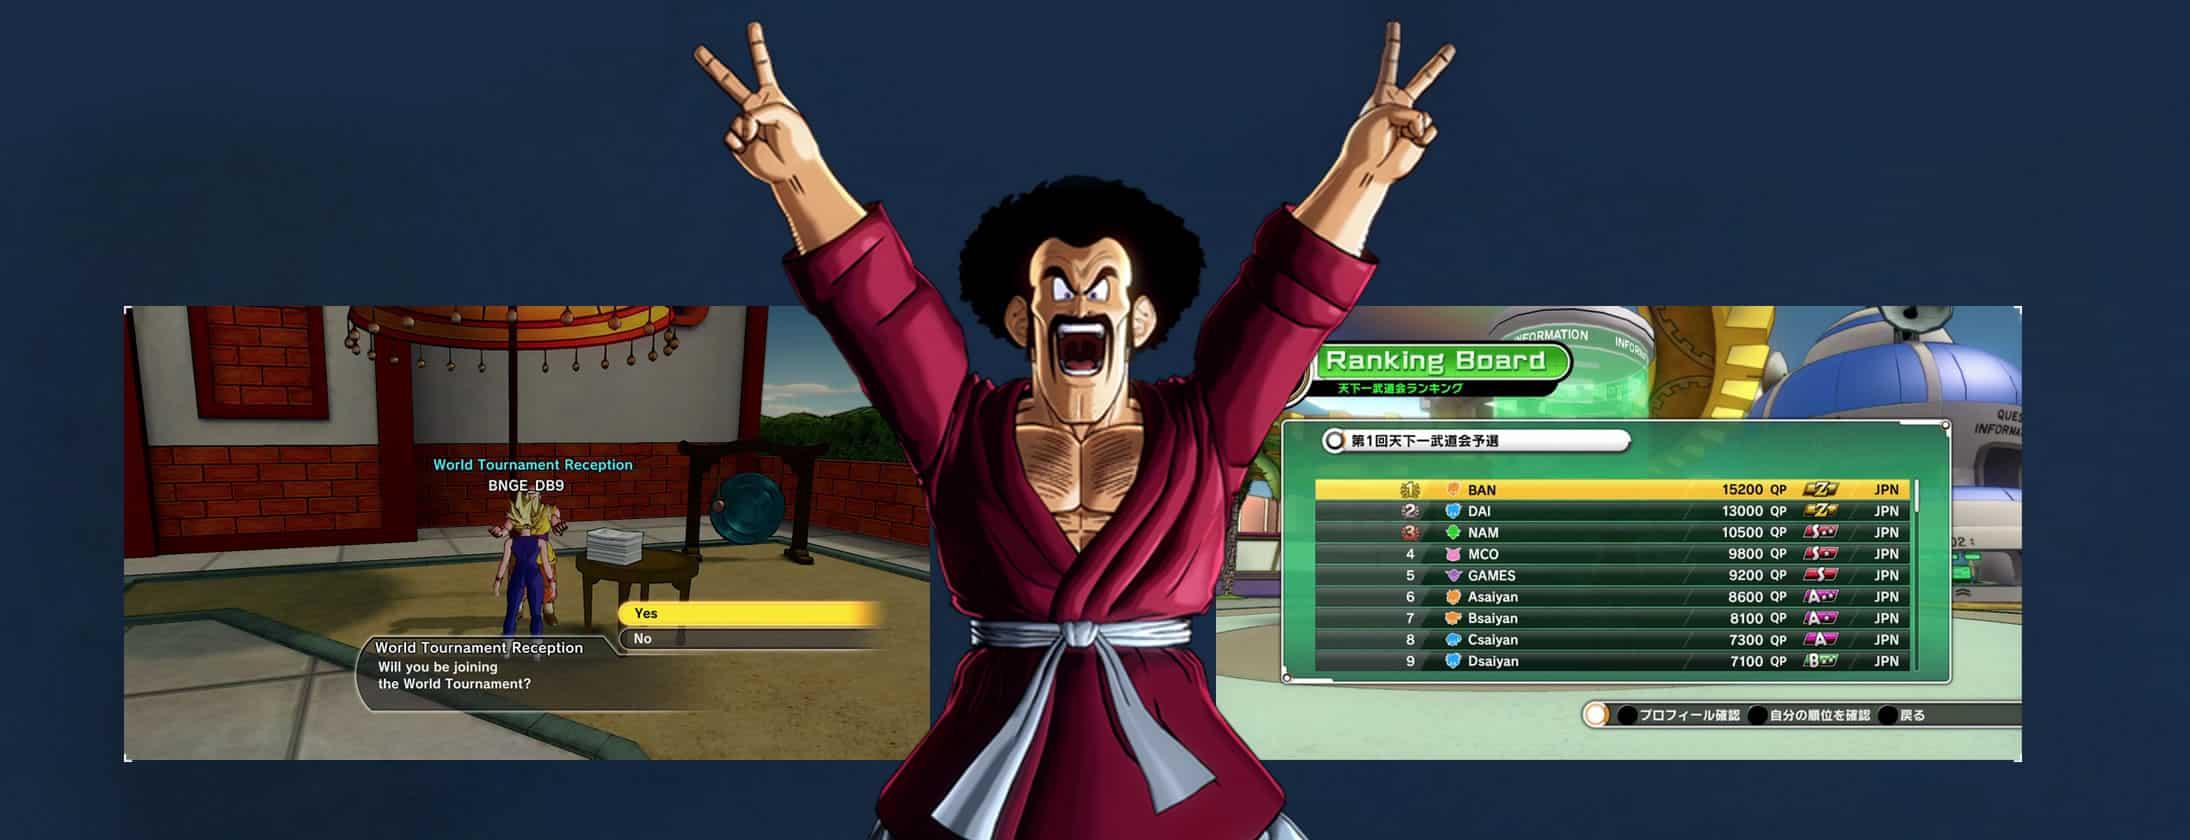 El torneo mundial de Dragon Ball Xenoverse sacará un ganador por región.